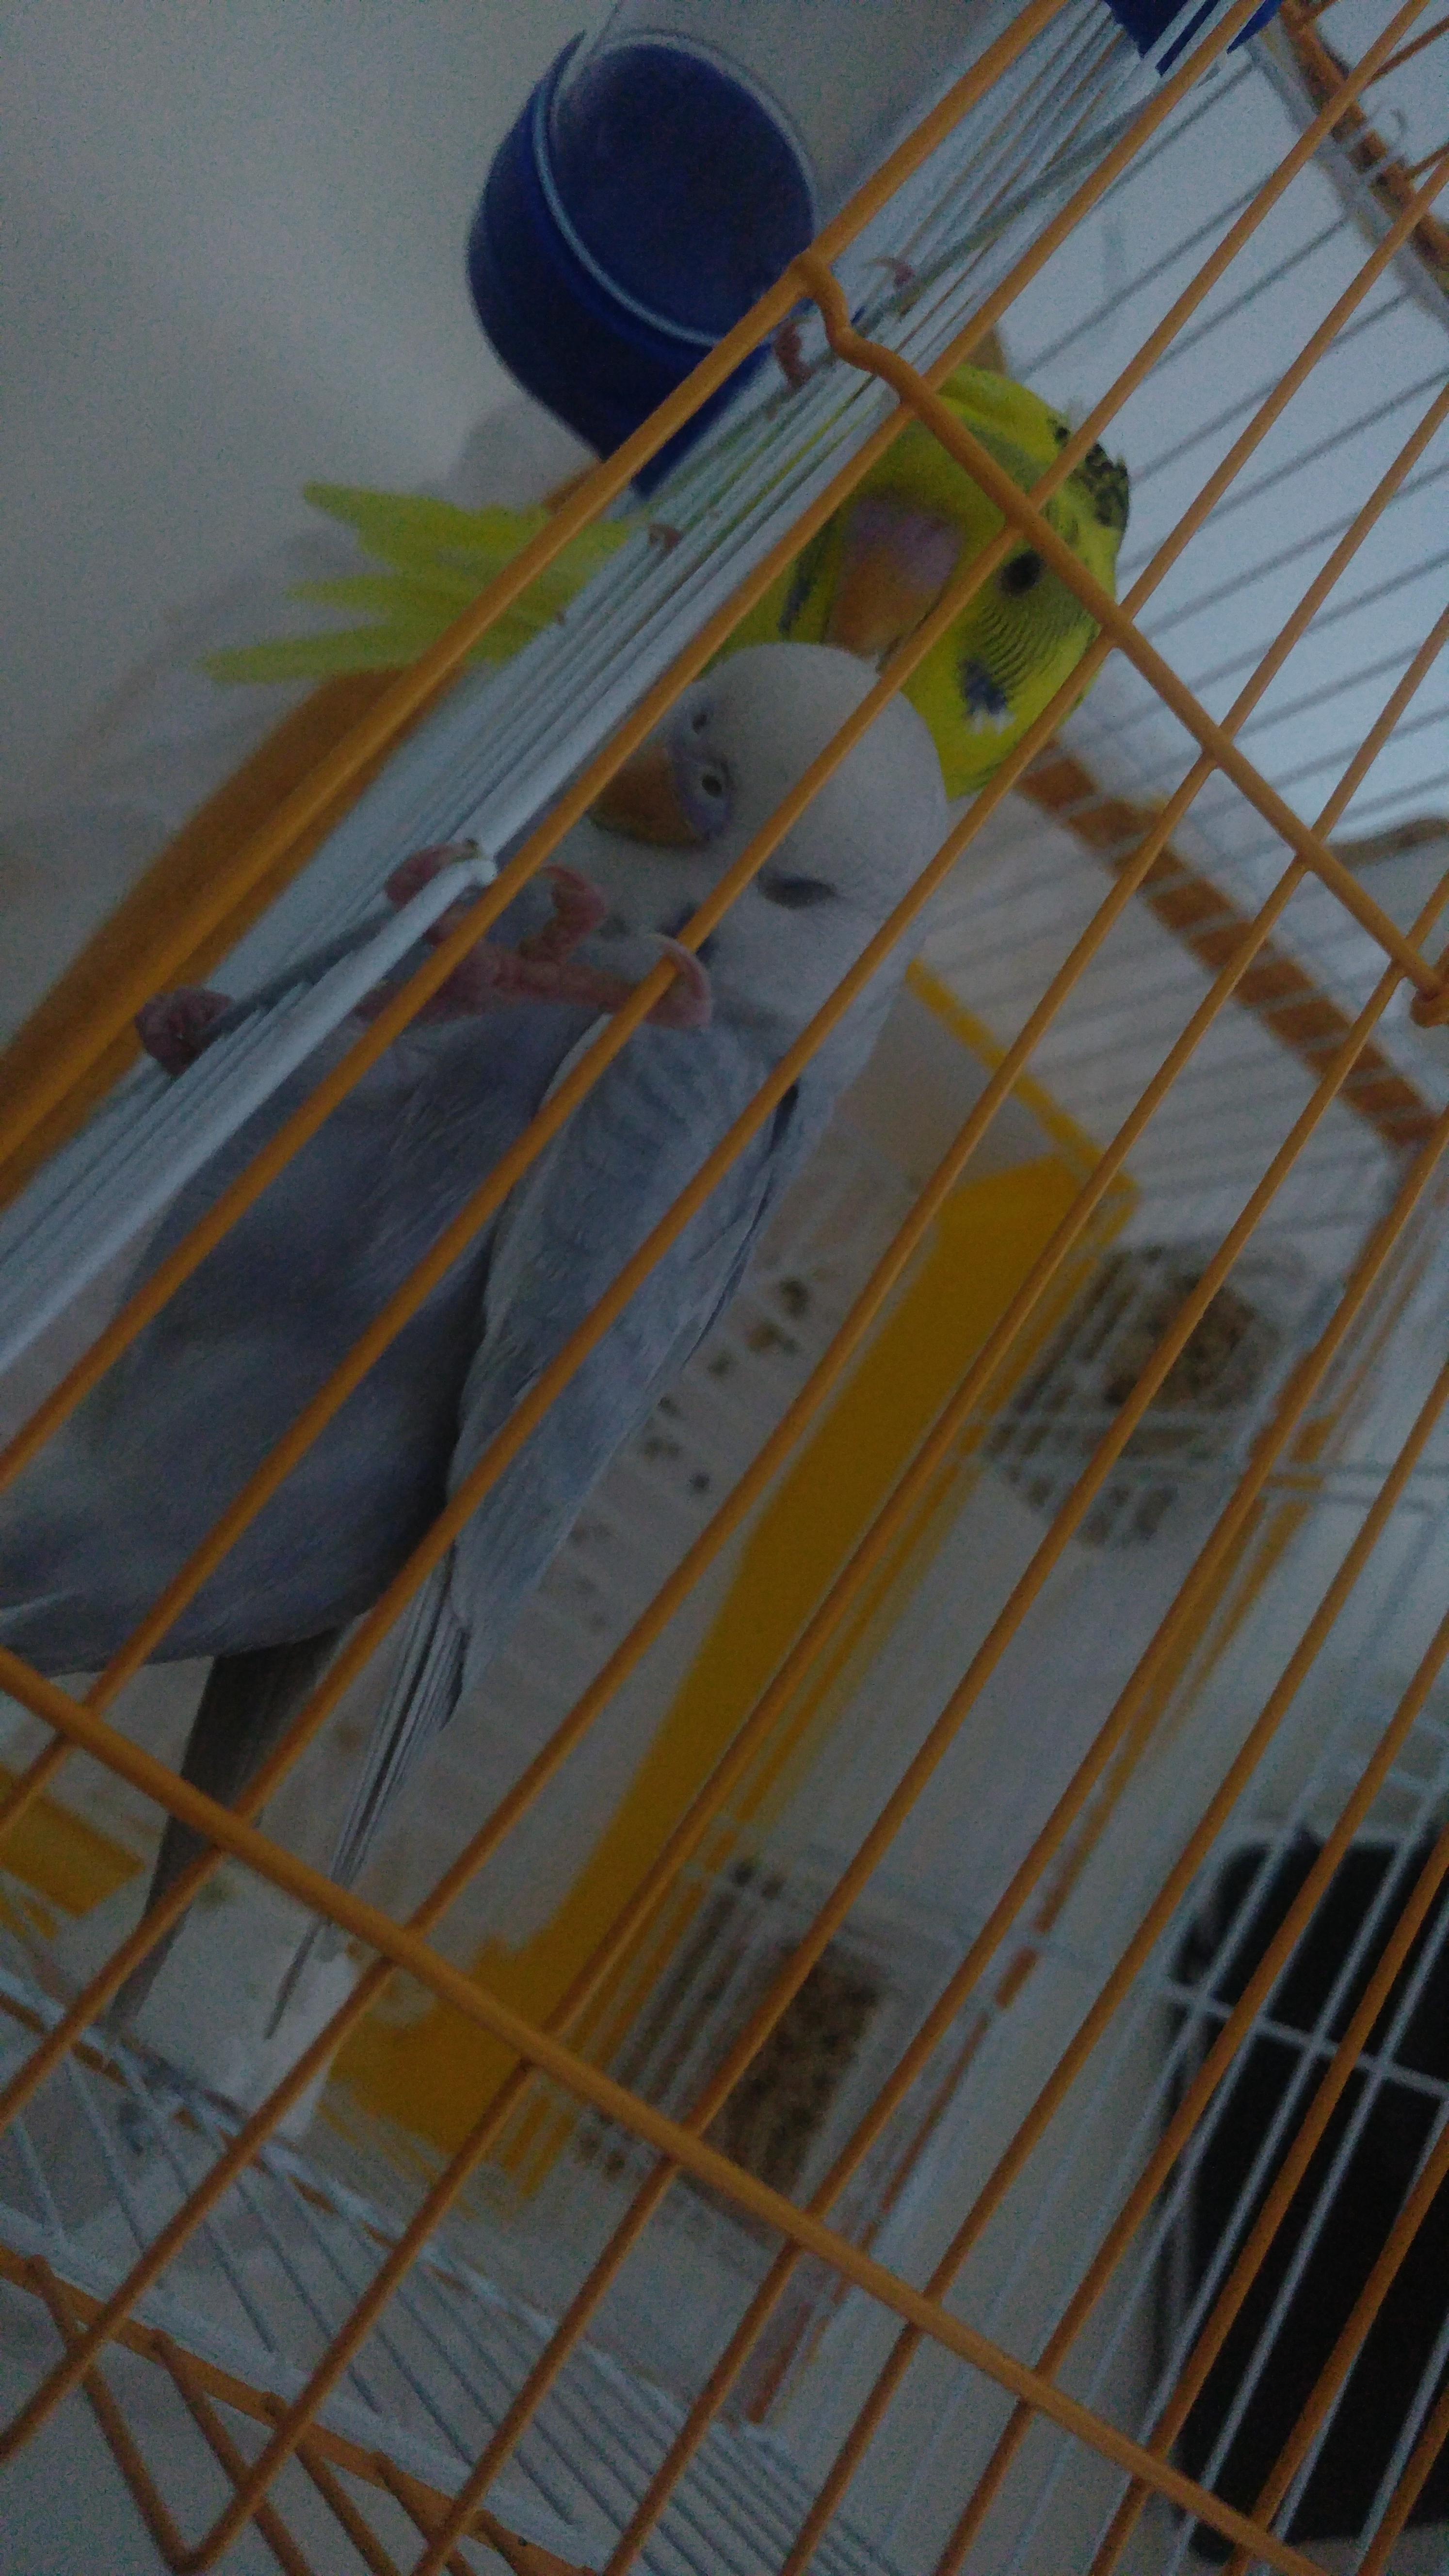 sözlük yazarlarının kuşları